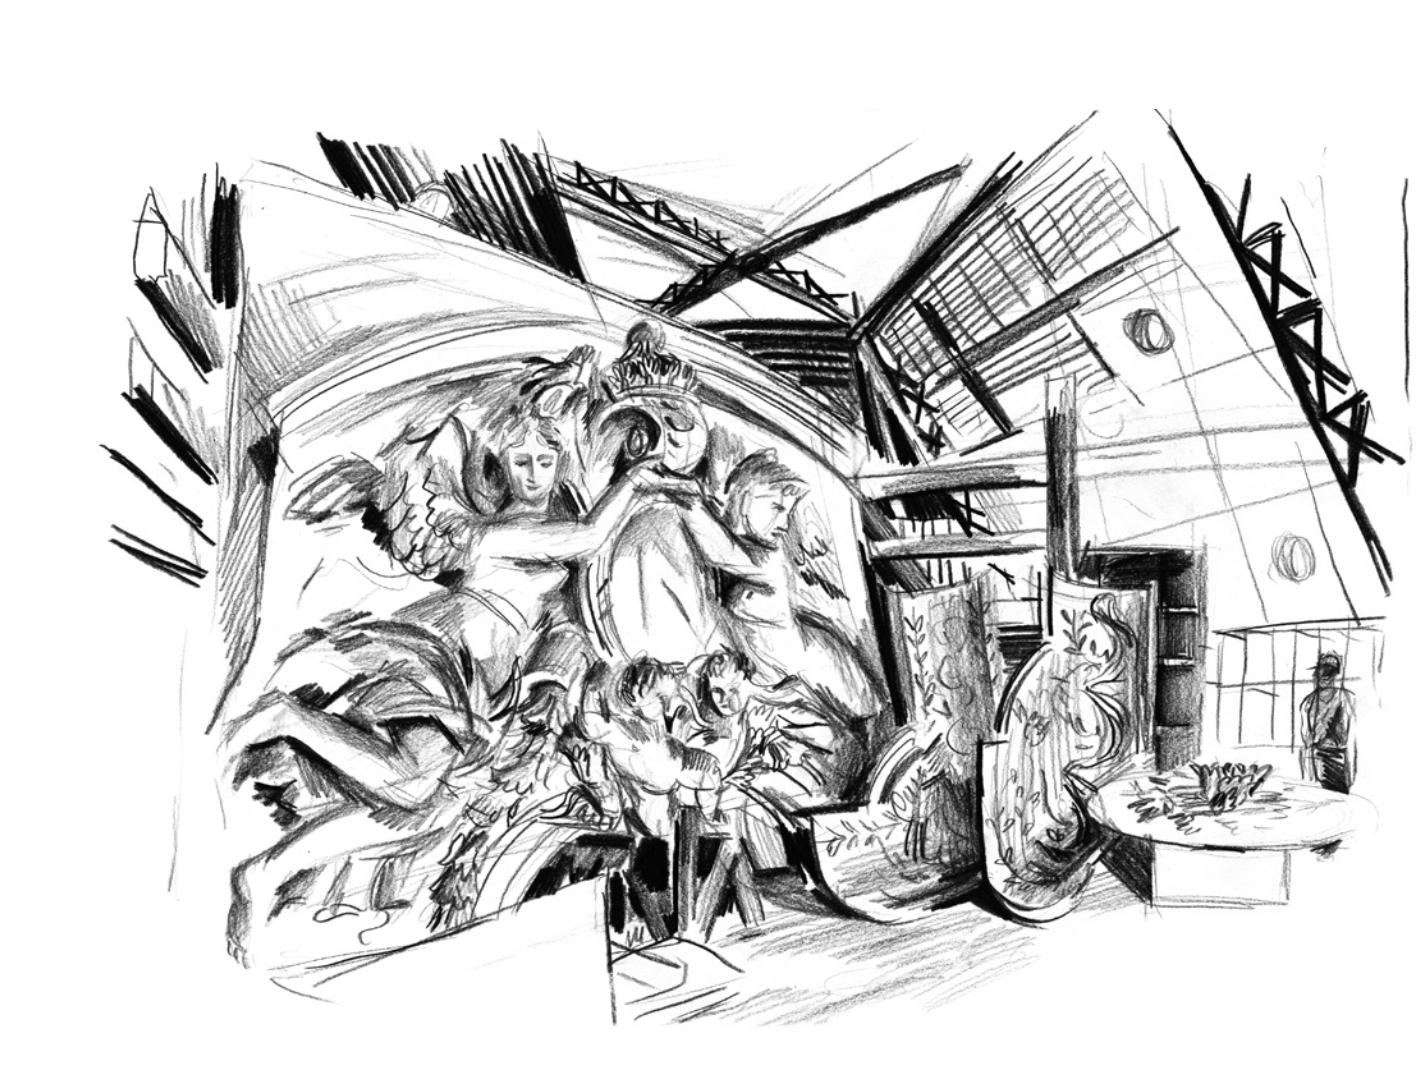 Un decor abandonné, cloche Mollien | GALERIE TREIZE-DIX I LUCILE PIKETTY | Un decor abandonné, cloche Mollien